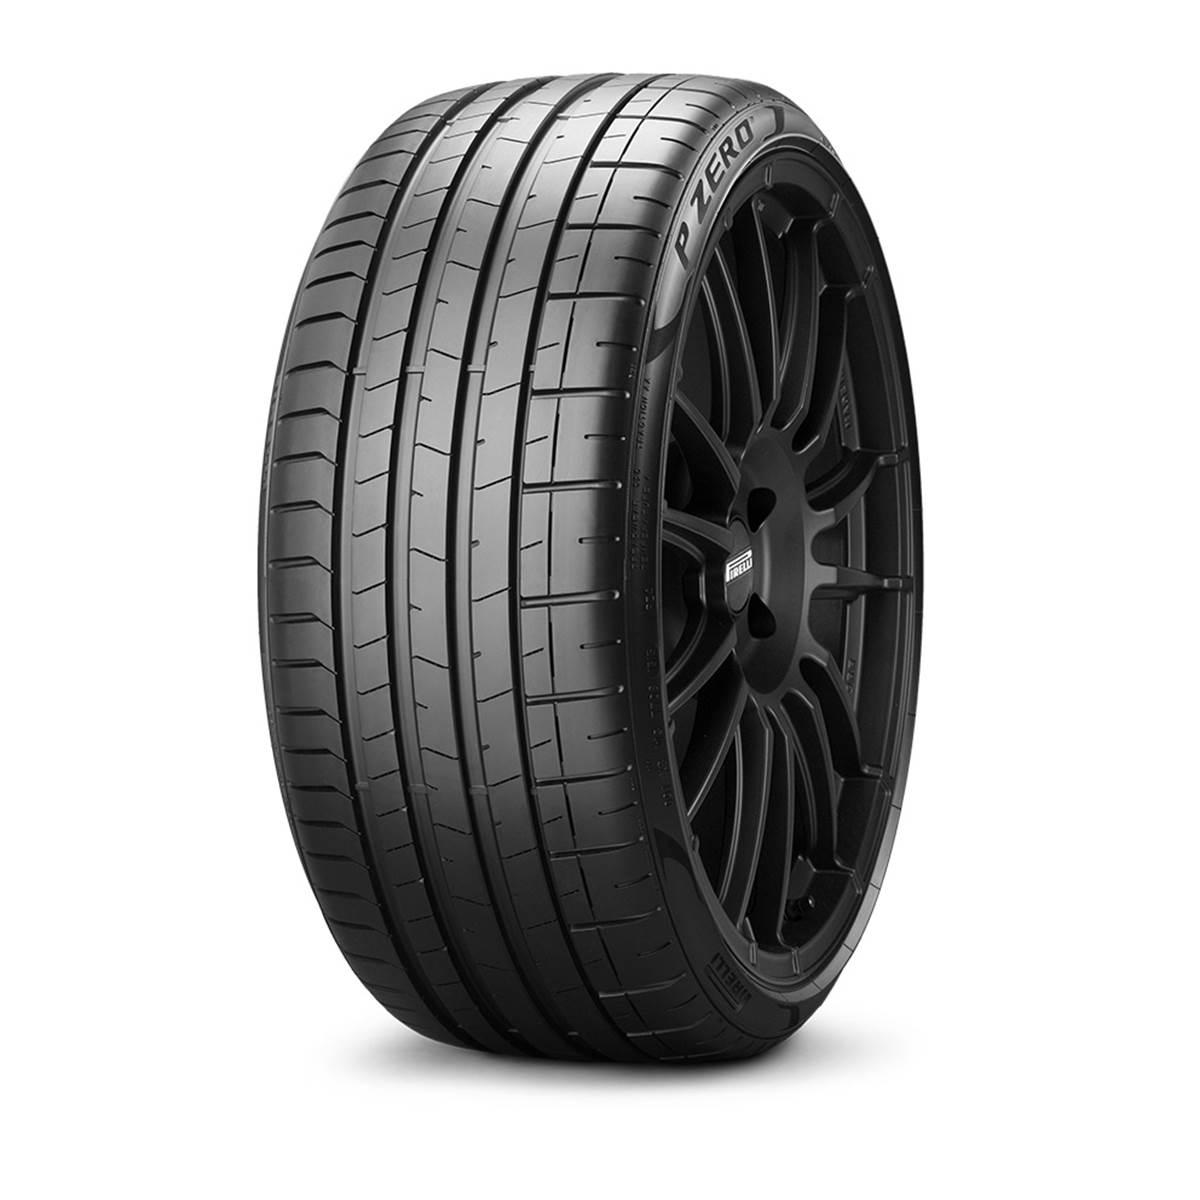 Pneu Pirelli 245/40R19 98Y Pzero XL